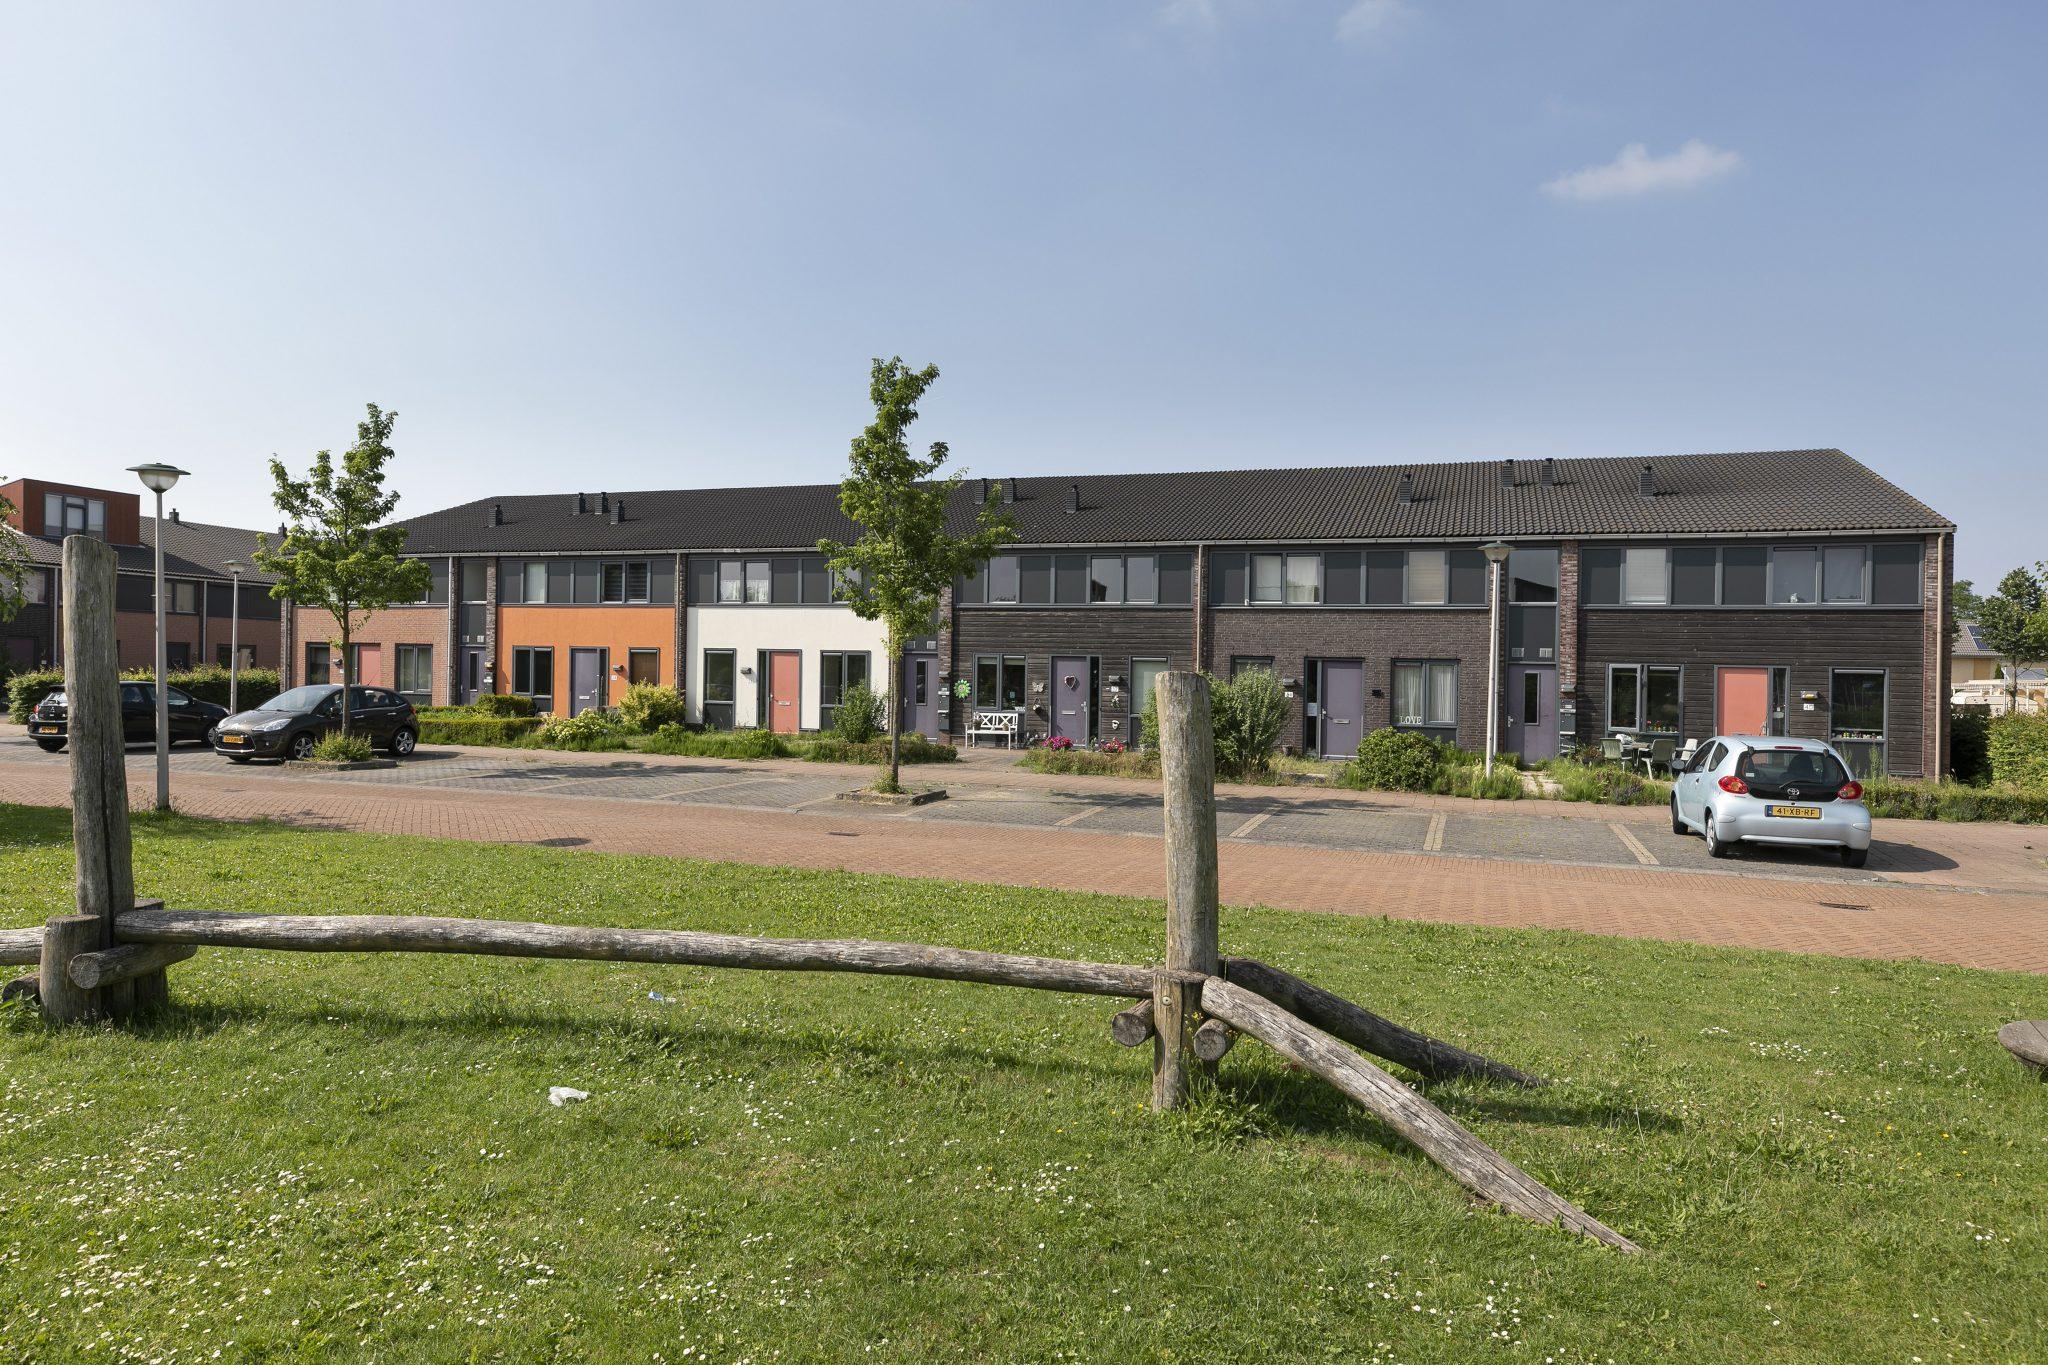 In een rustige woonwijk in een nieuw gedeelte van Barendrecht